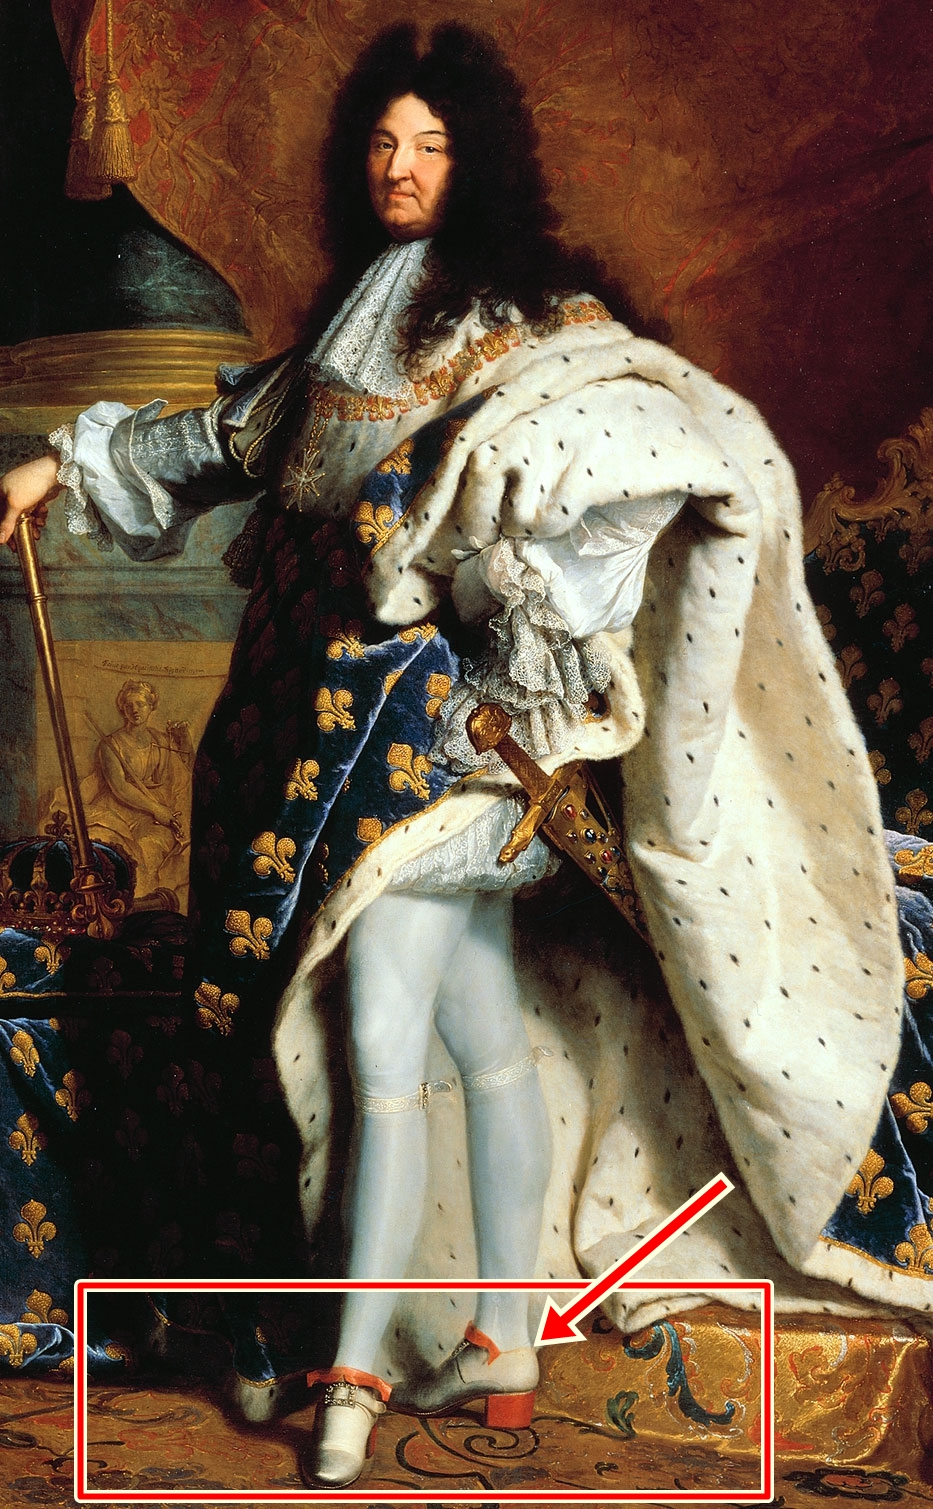 Vua Louis XIV (Pháp) đi giày cao gót trong bức vẽ của Hyacinthe Rigaud năm 1701. Ảnh: Wikipedia.